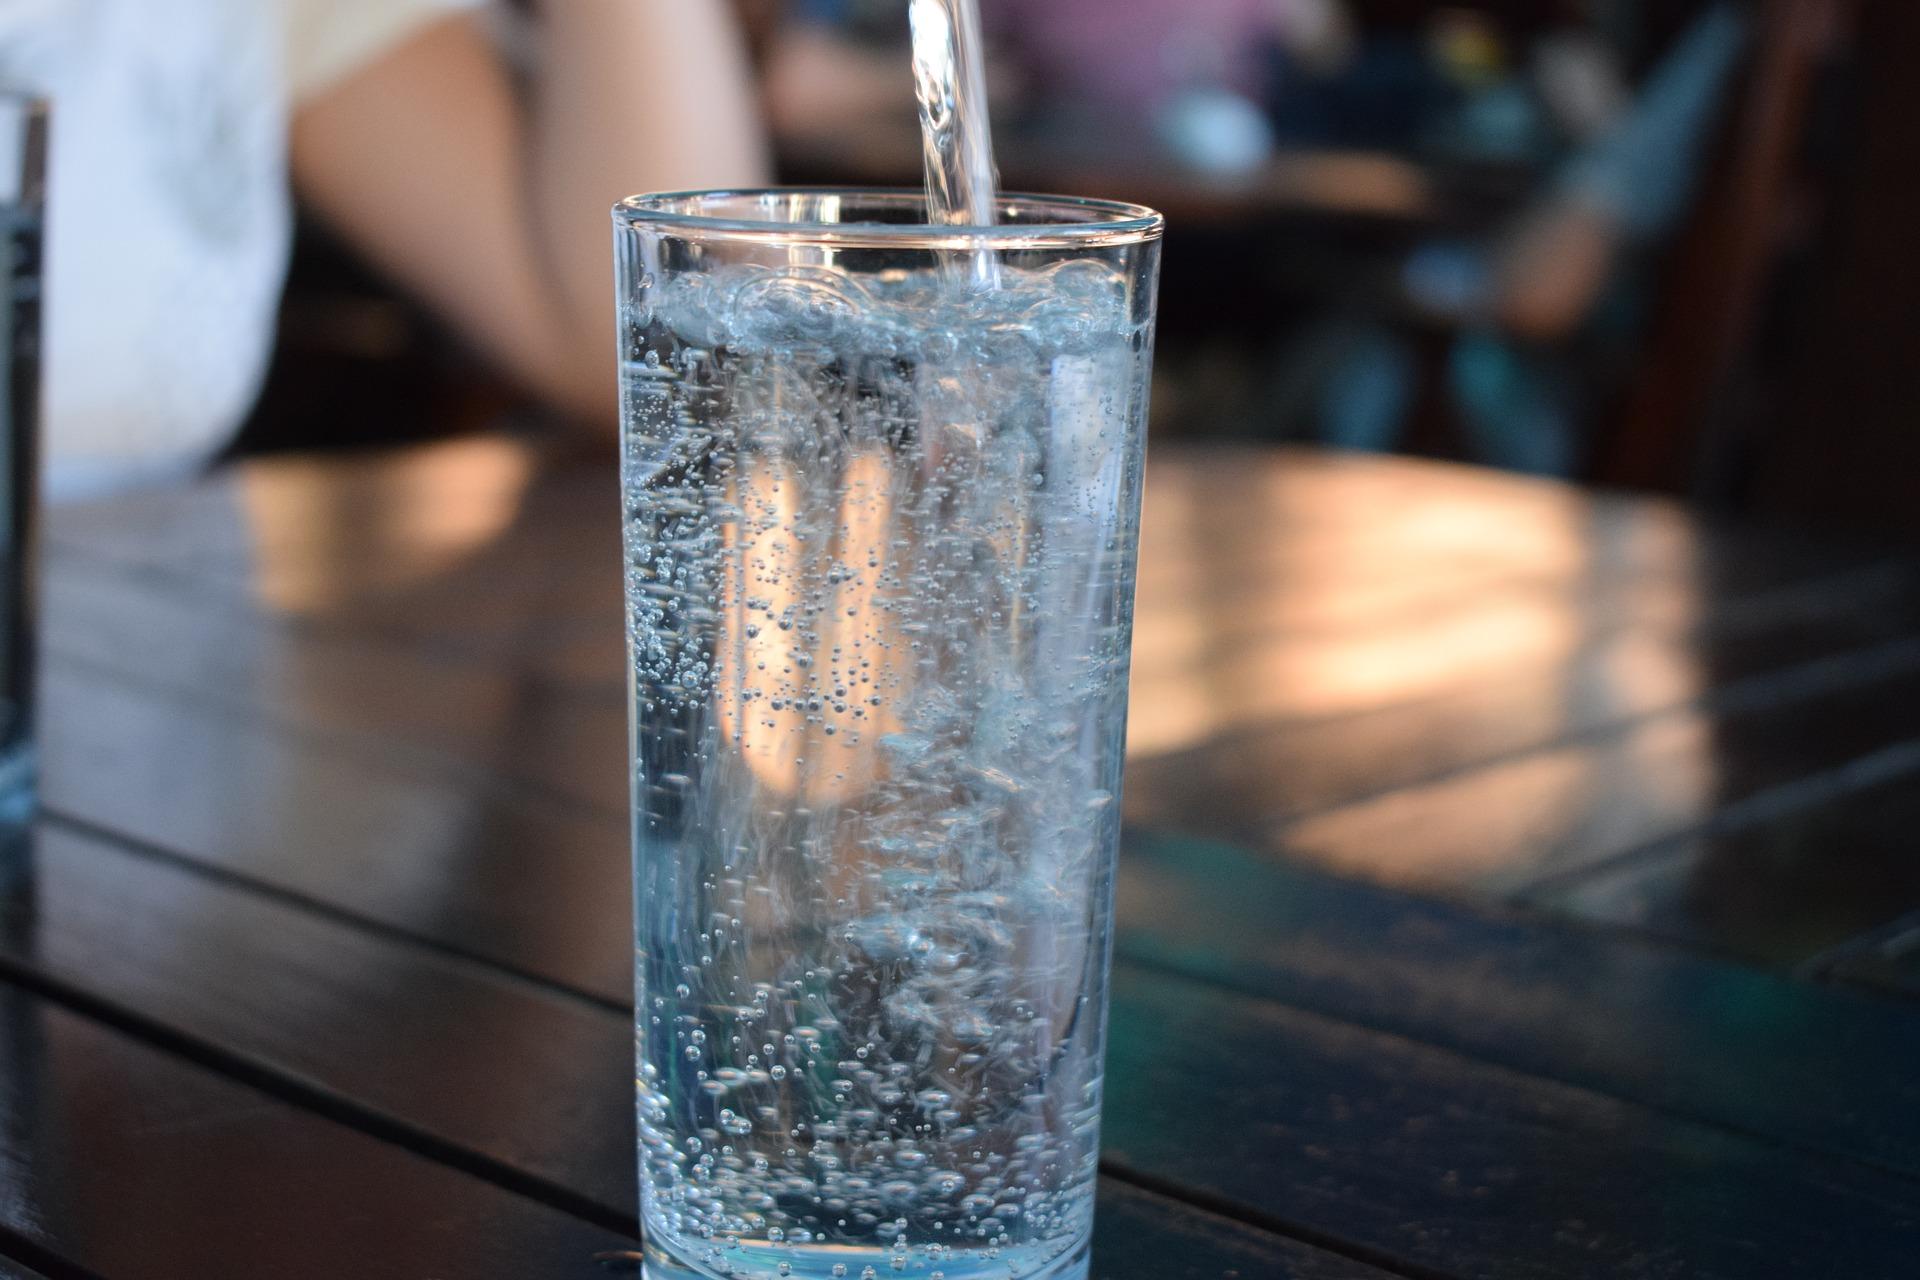 Ein Glas steht auf einem Holztisch. Es wird sprudeliges Mineralwasser eingeschenkt